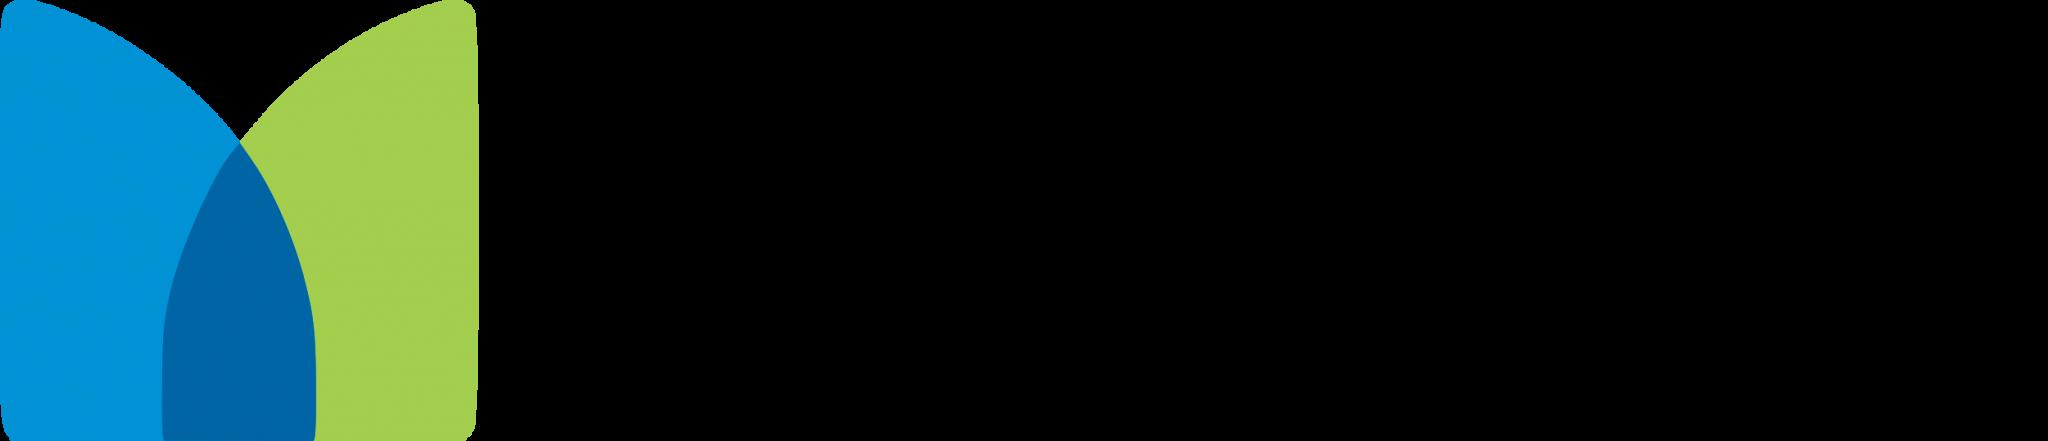 Metlife Transparent Background (1)